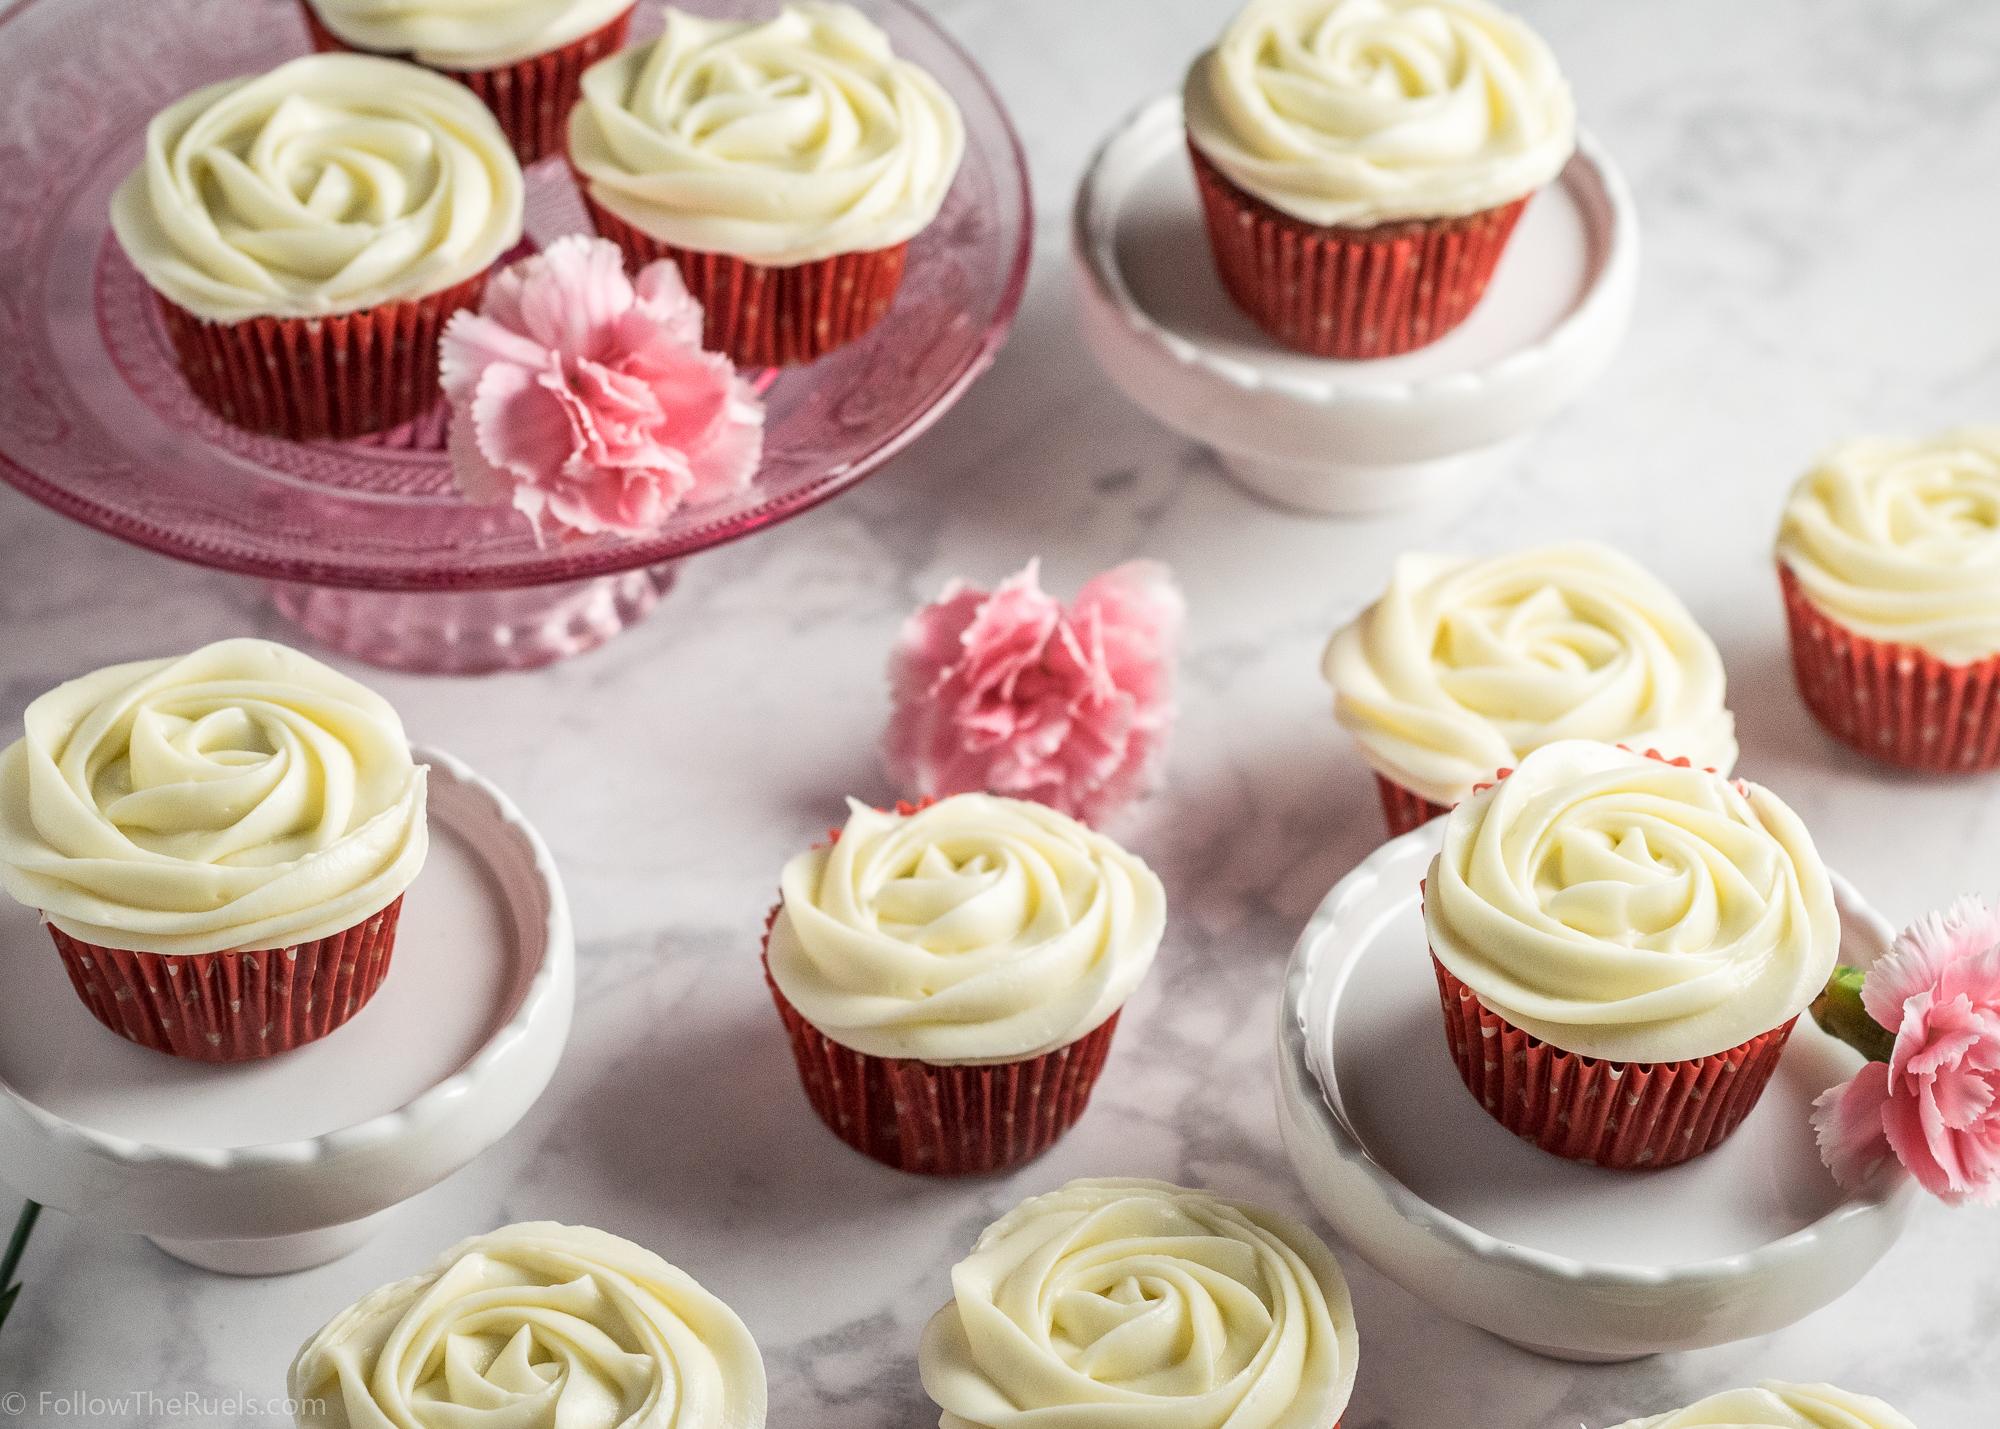 Red-Velvet-Cupcakes-4.jpg